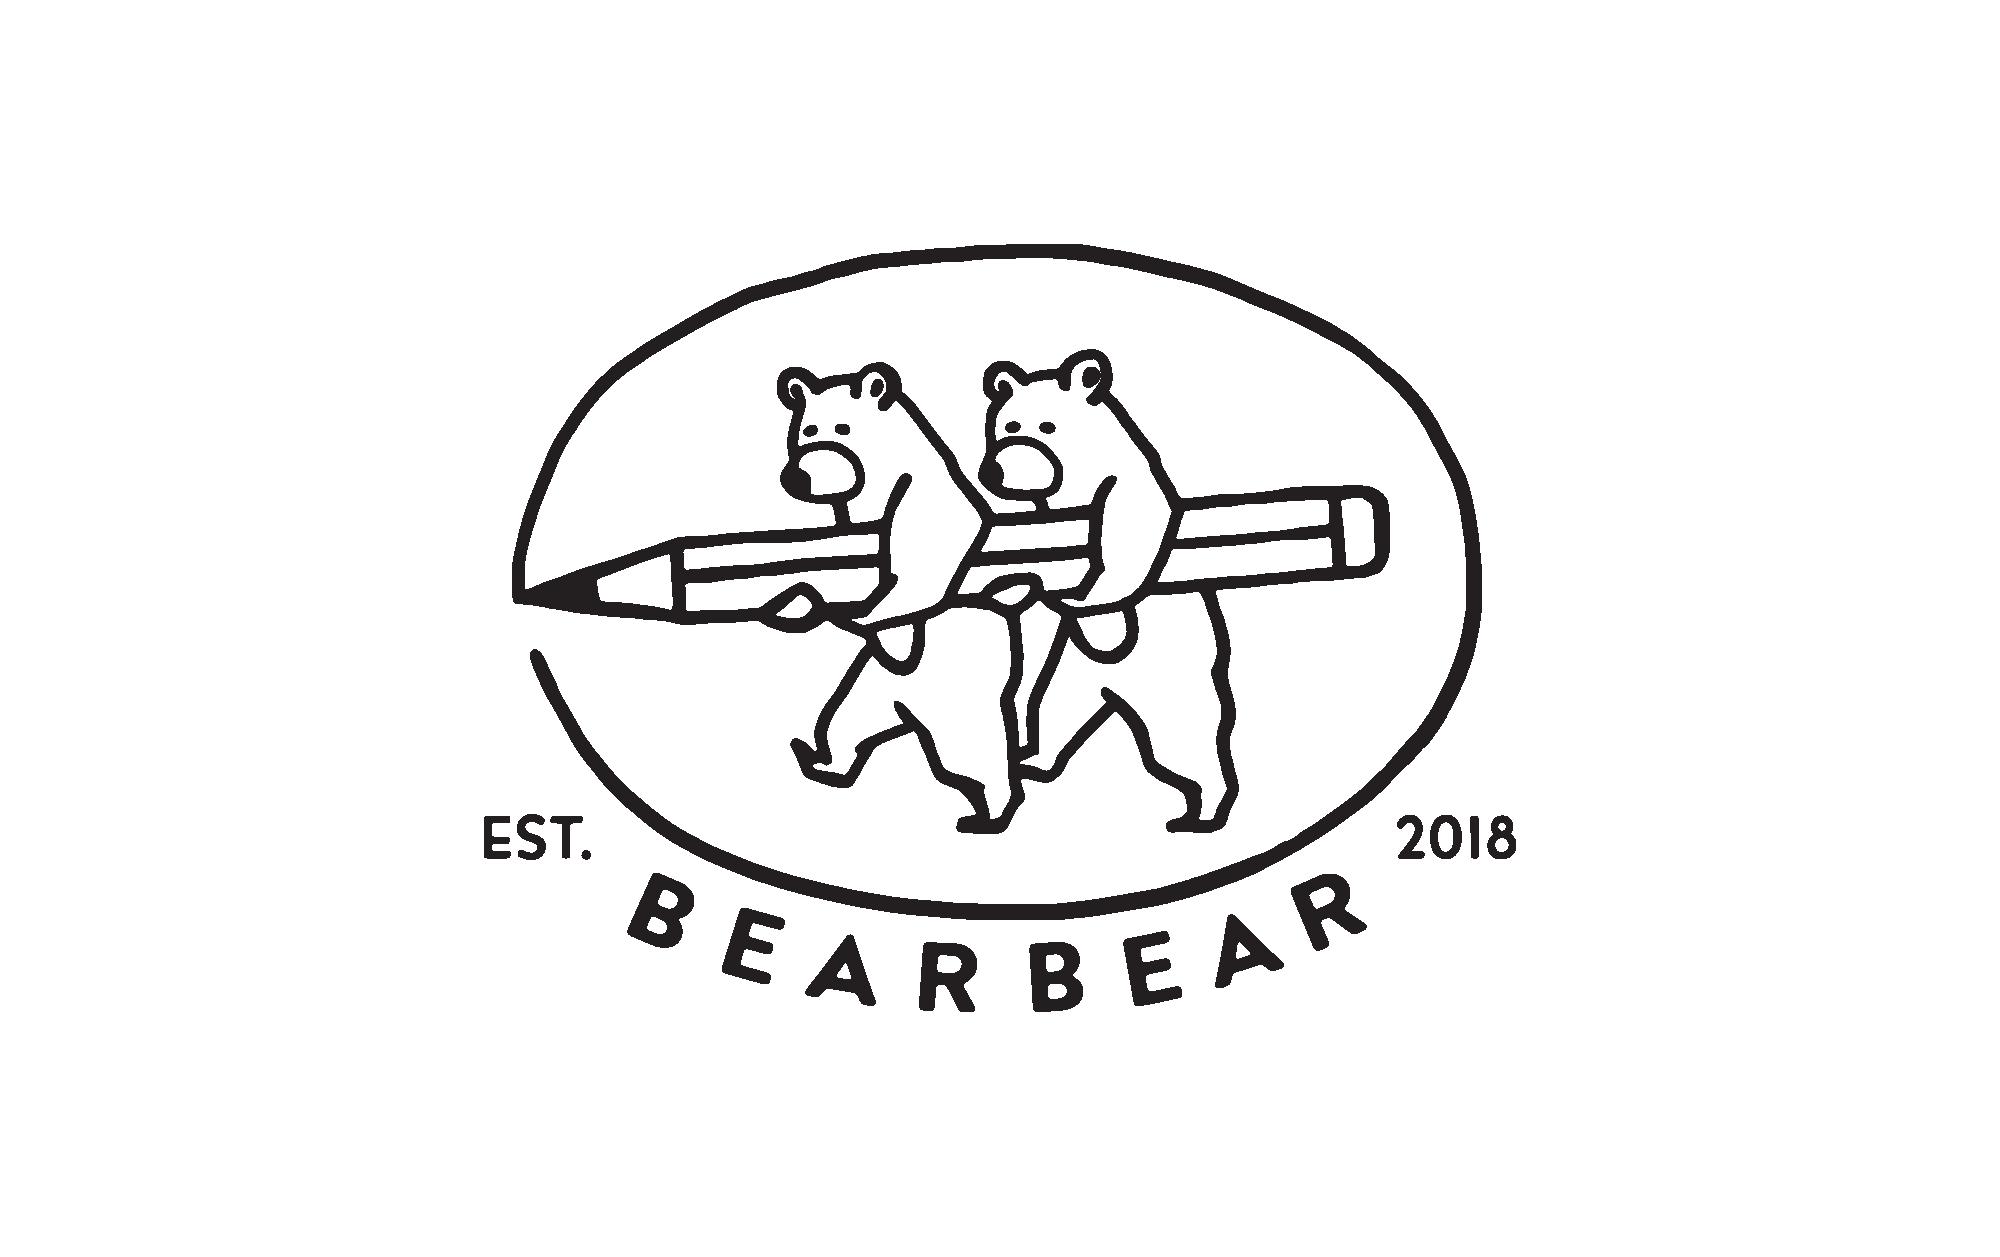 20190128_bearbear_logo_sm_transparent.png